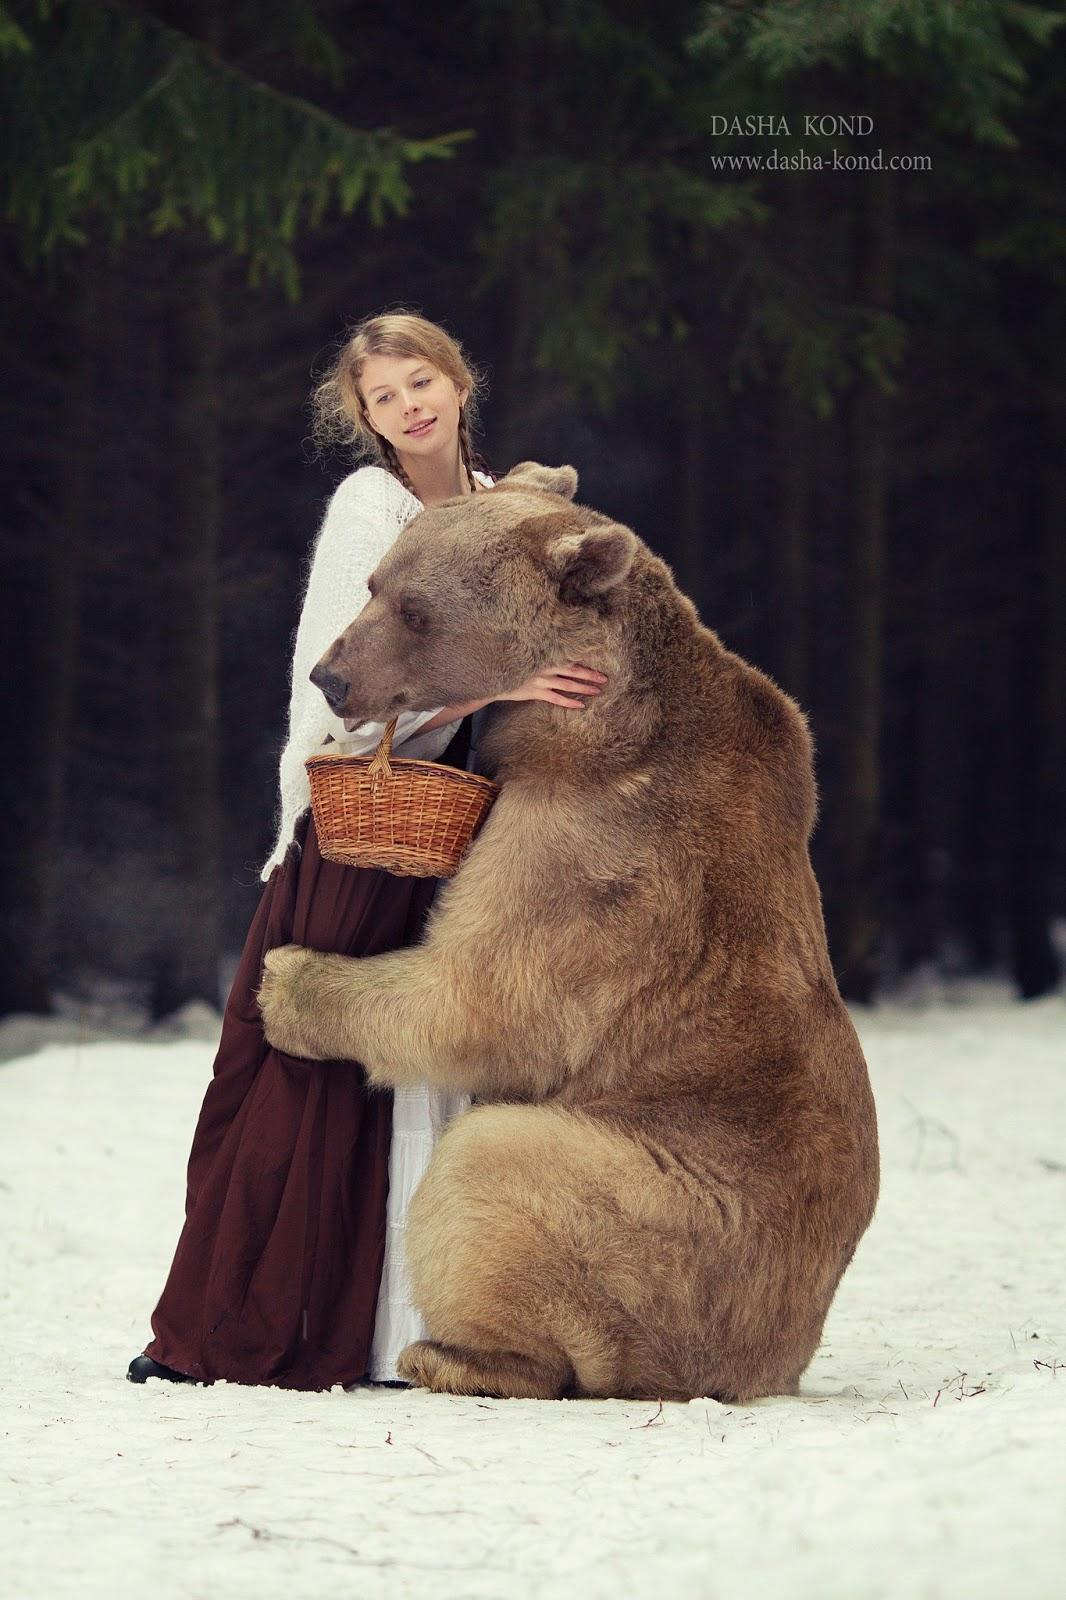 femme blonde faisant un calin à un ours par Dasha Kond